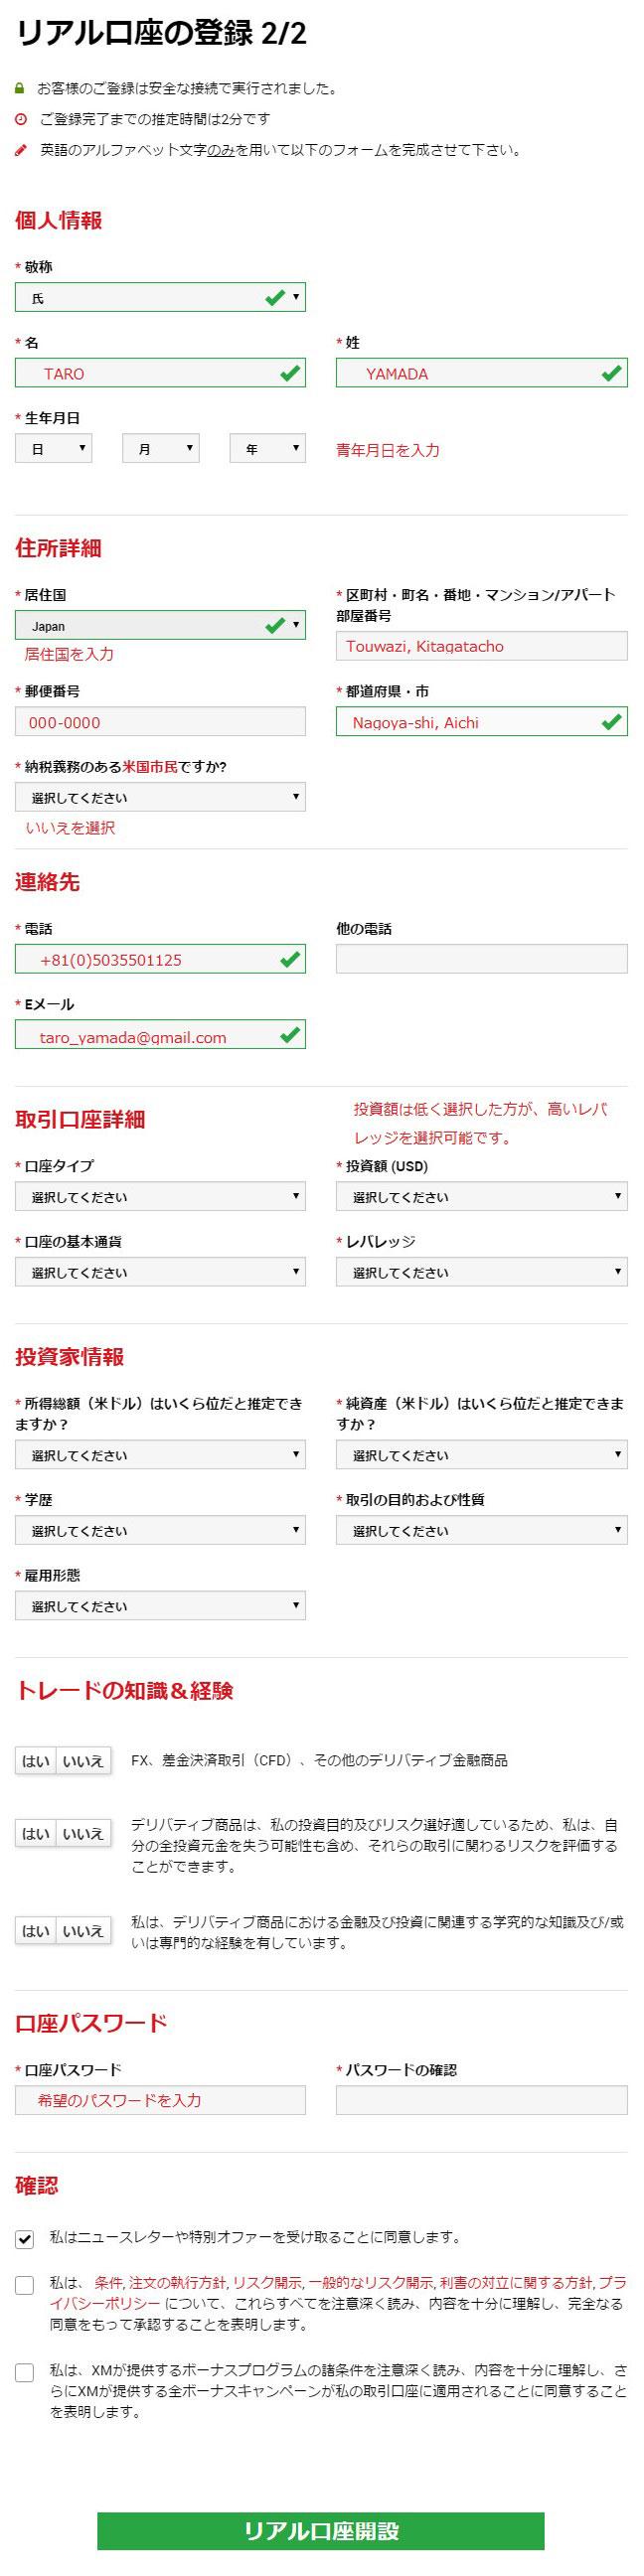 xm.com口座開設2